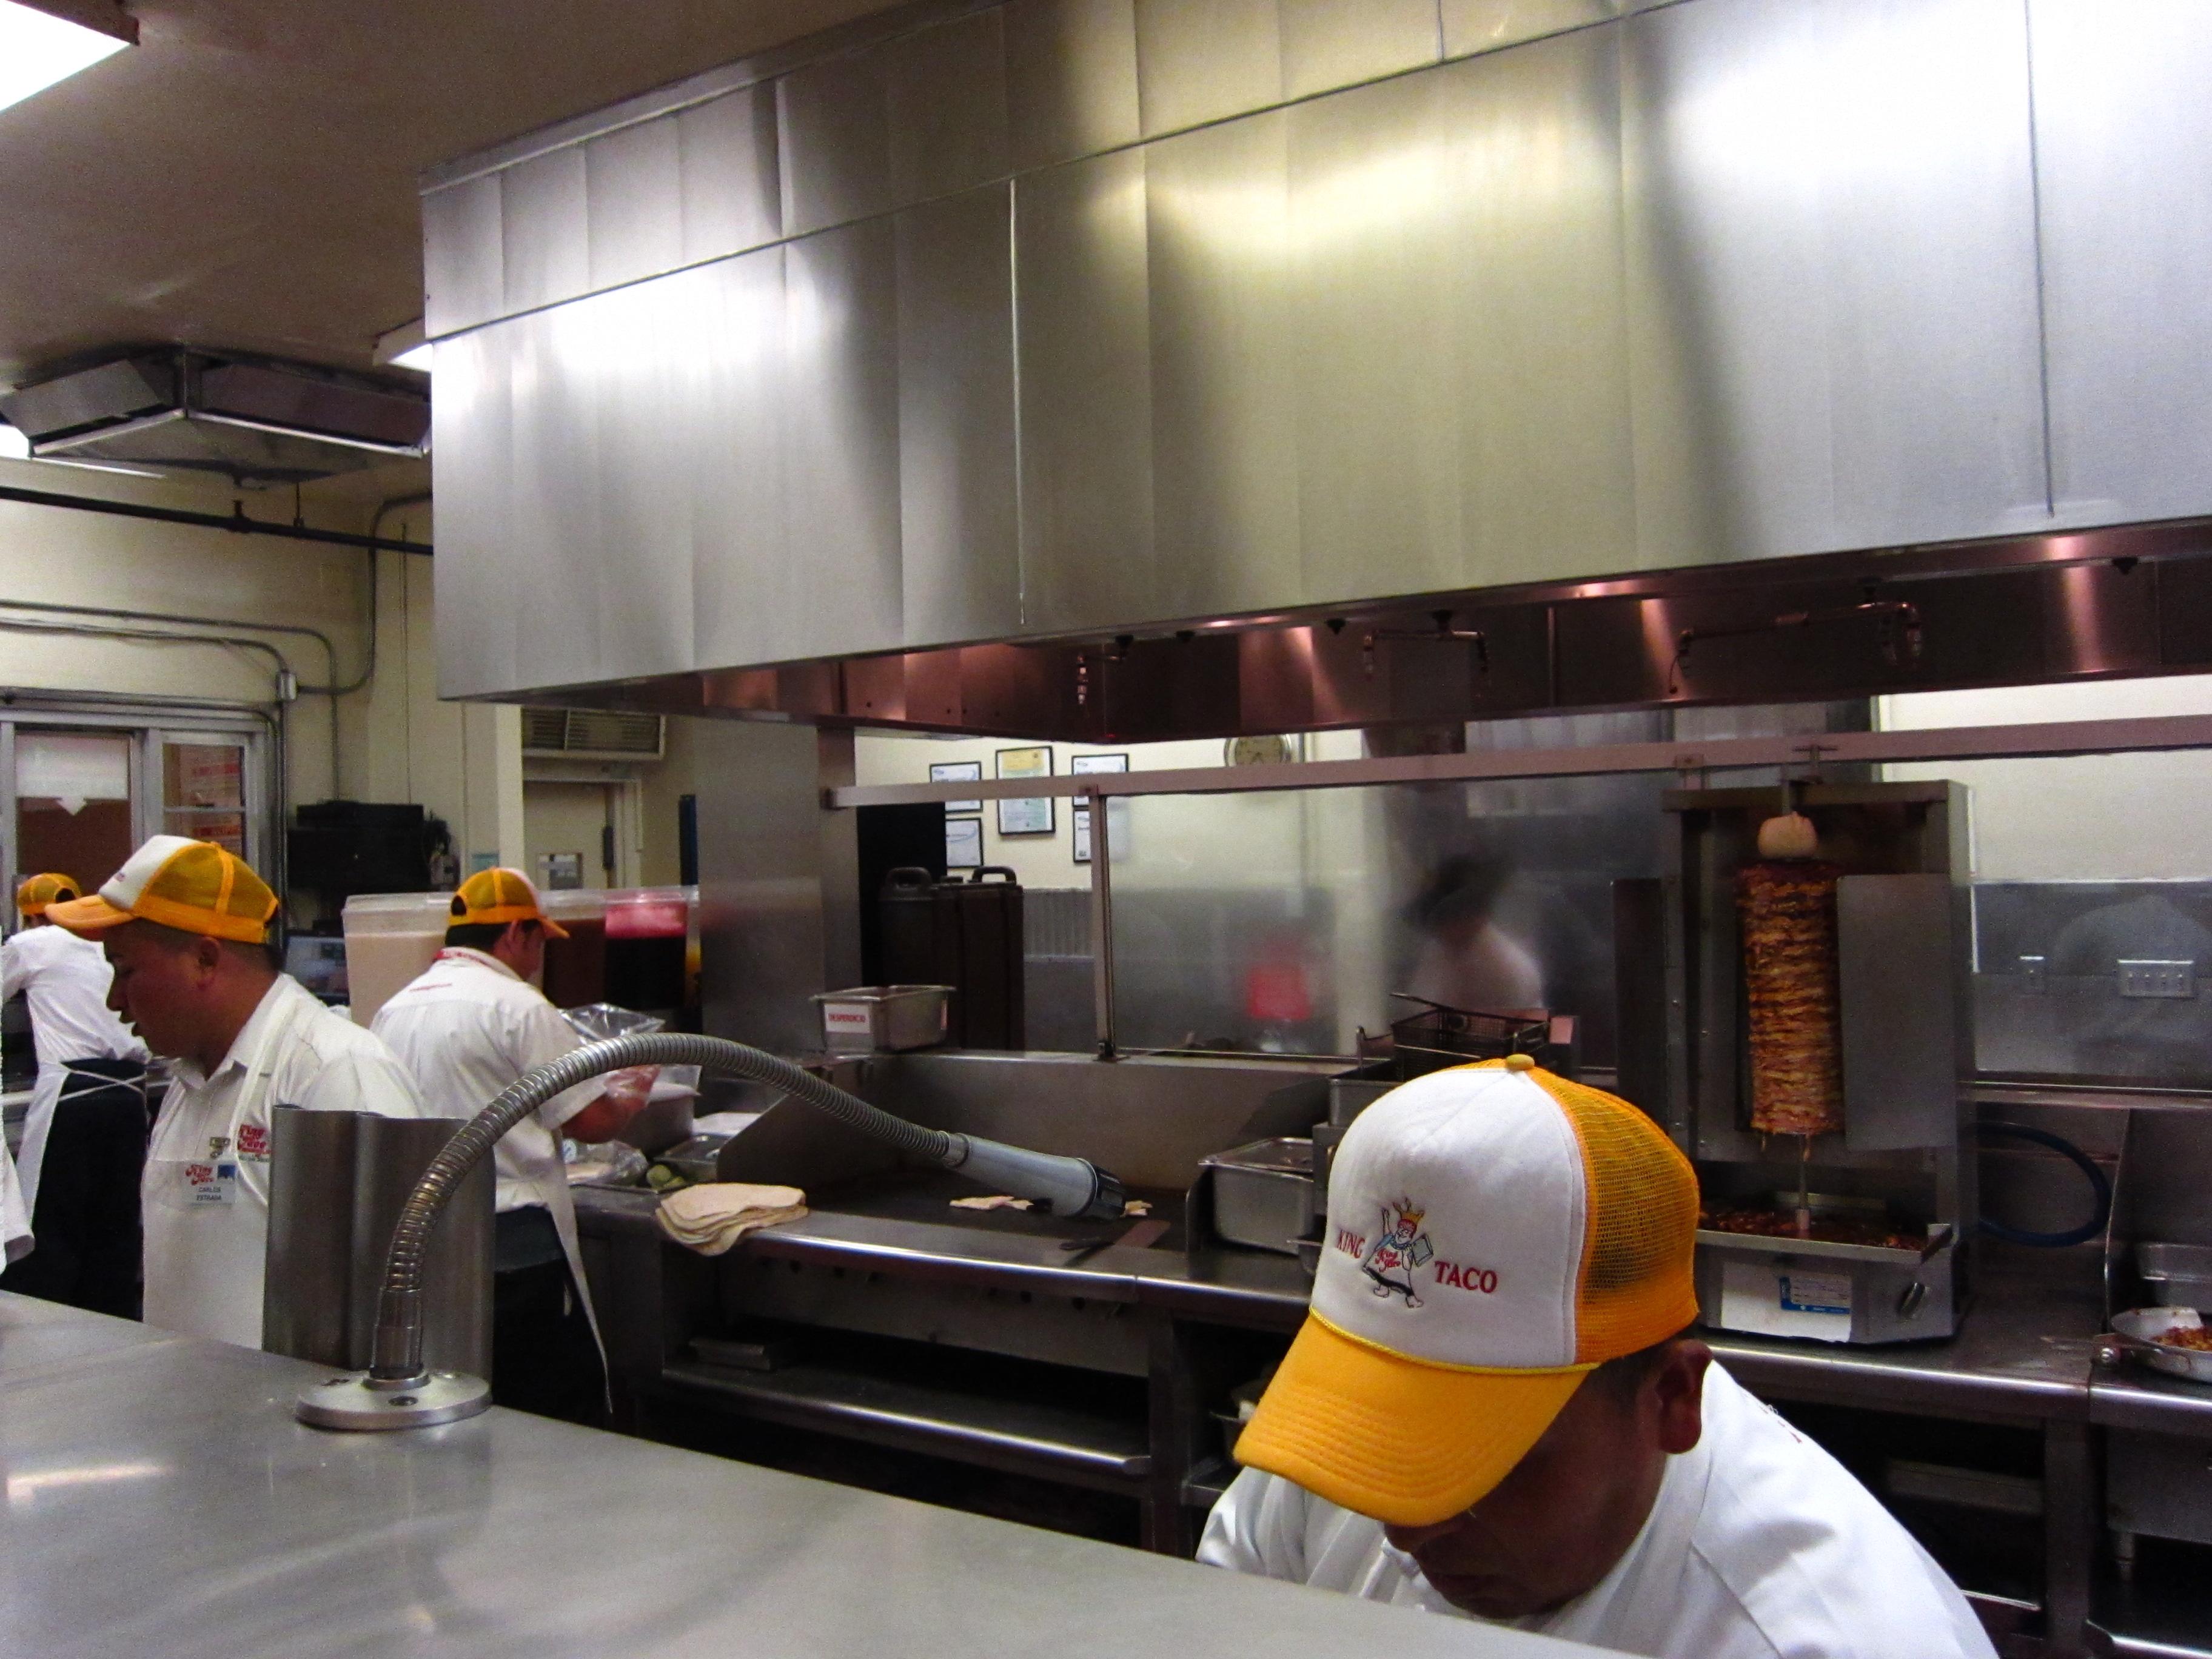 King Taco – Kitchen